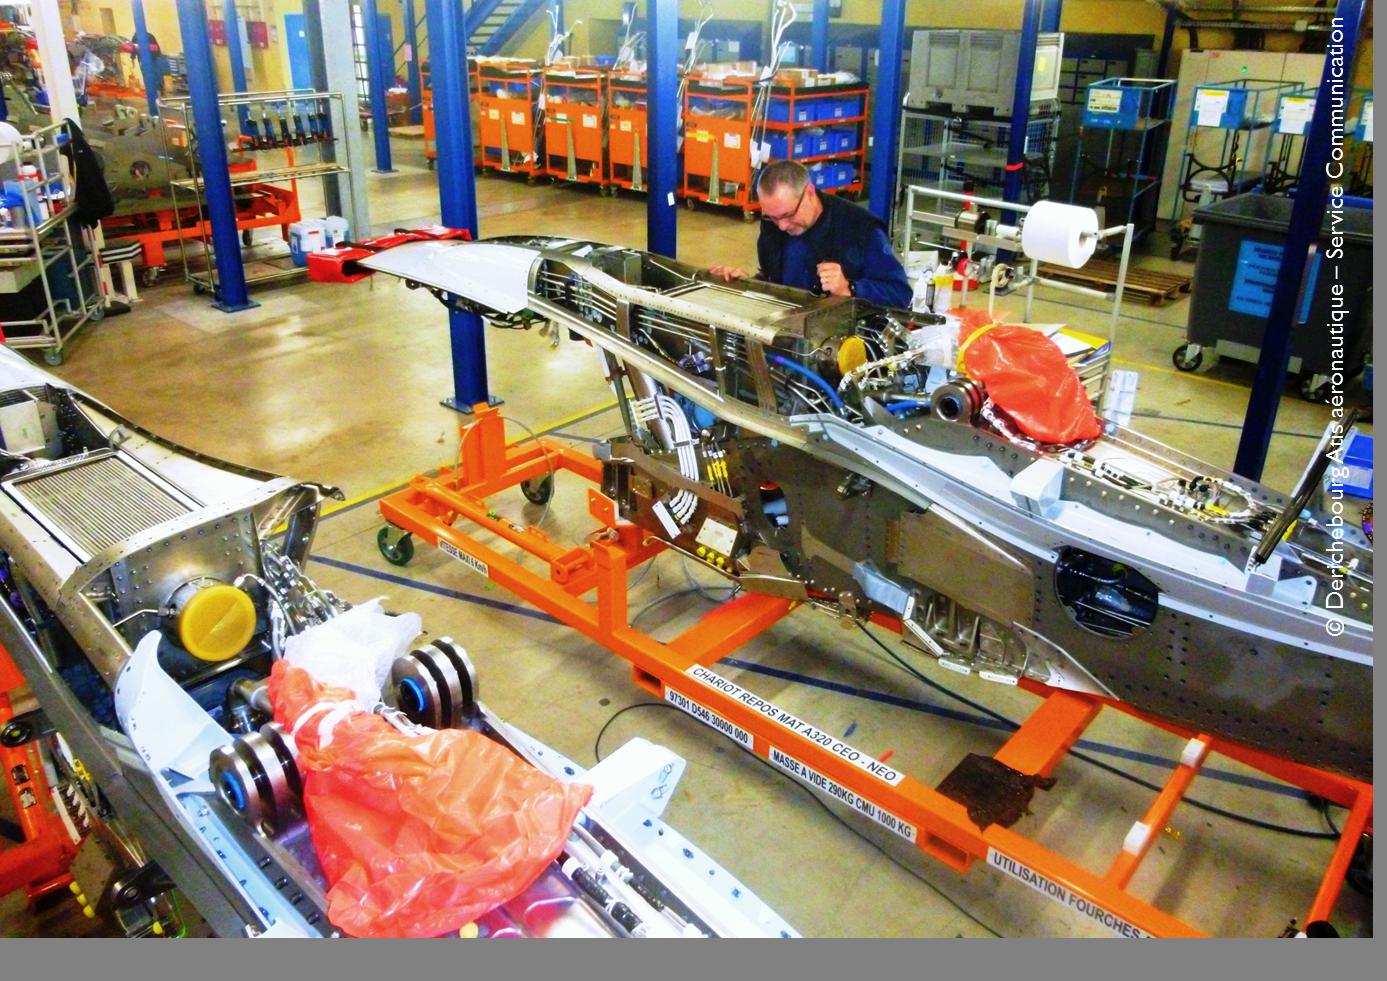 Intervention sur mats moteur - Production - Site de Airbus Saint-Eloi